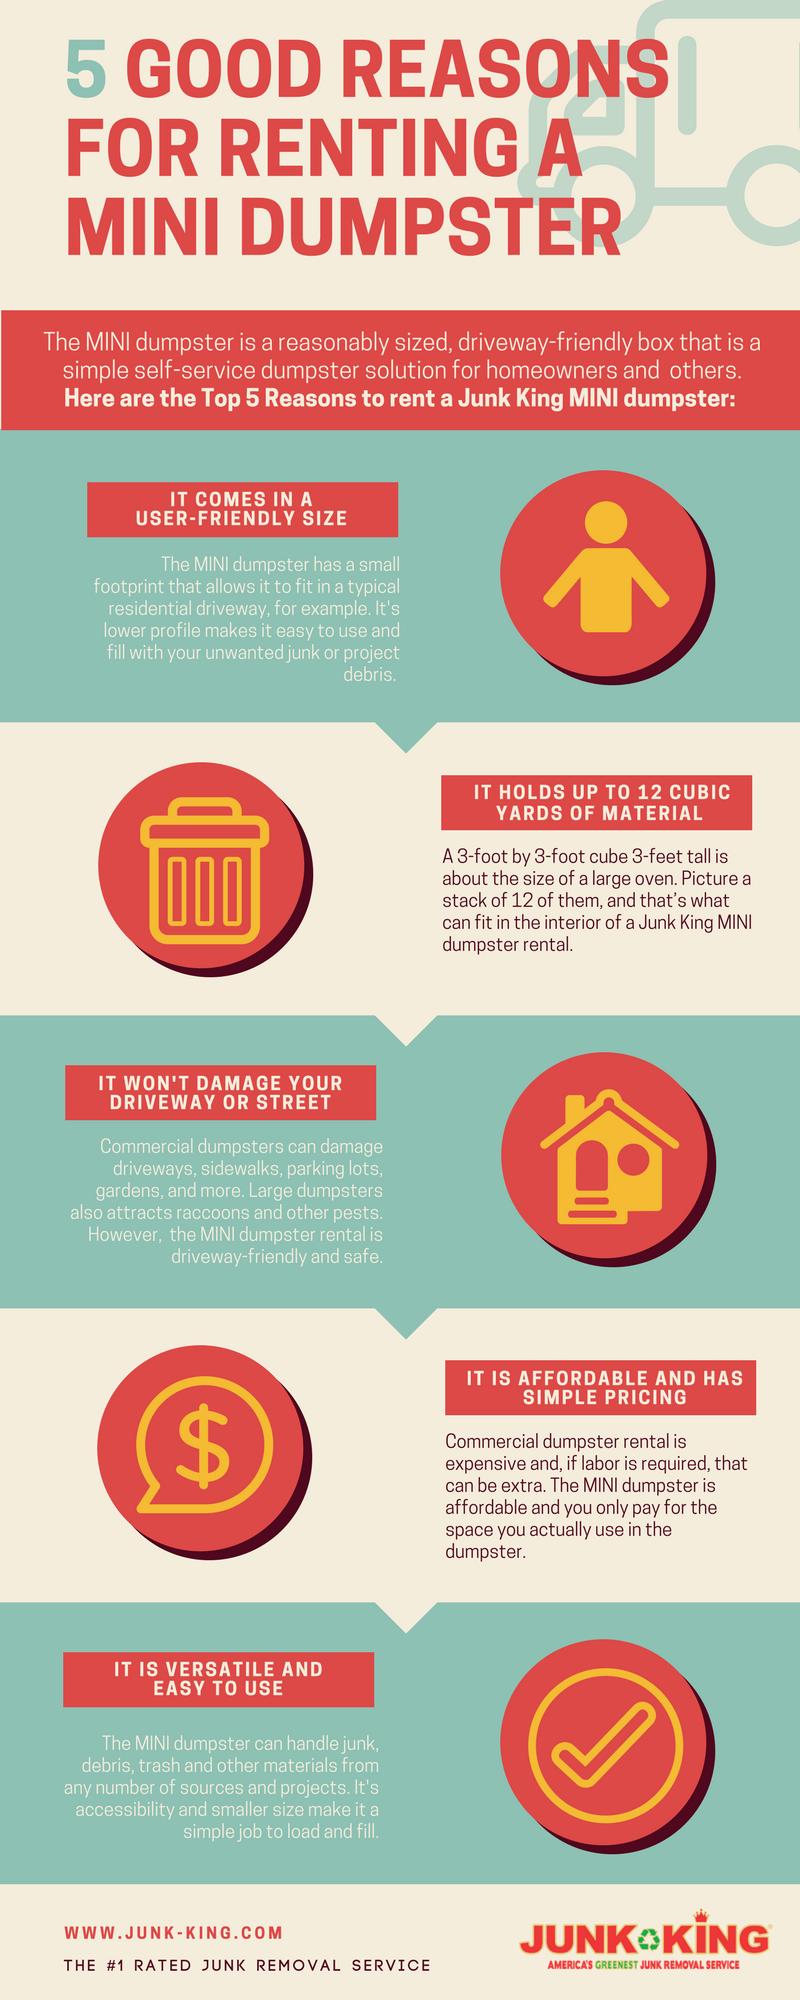 5 Reasons for MINI dumpster